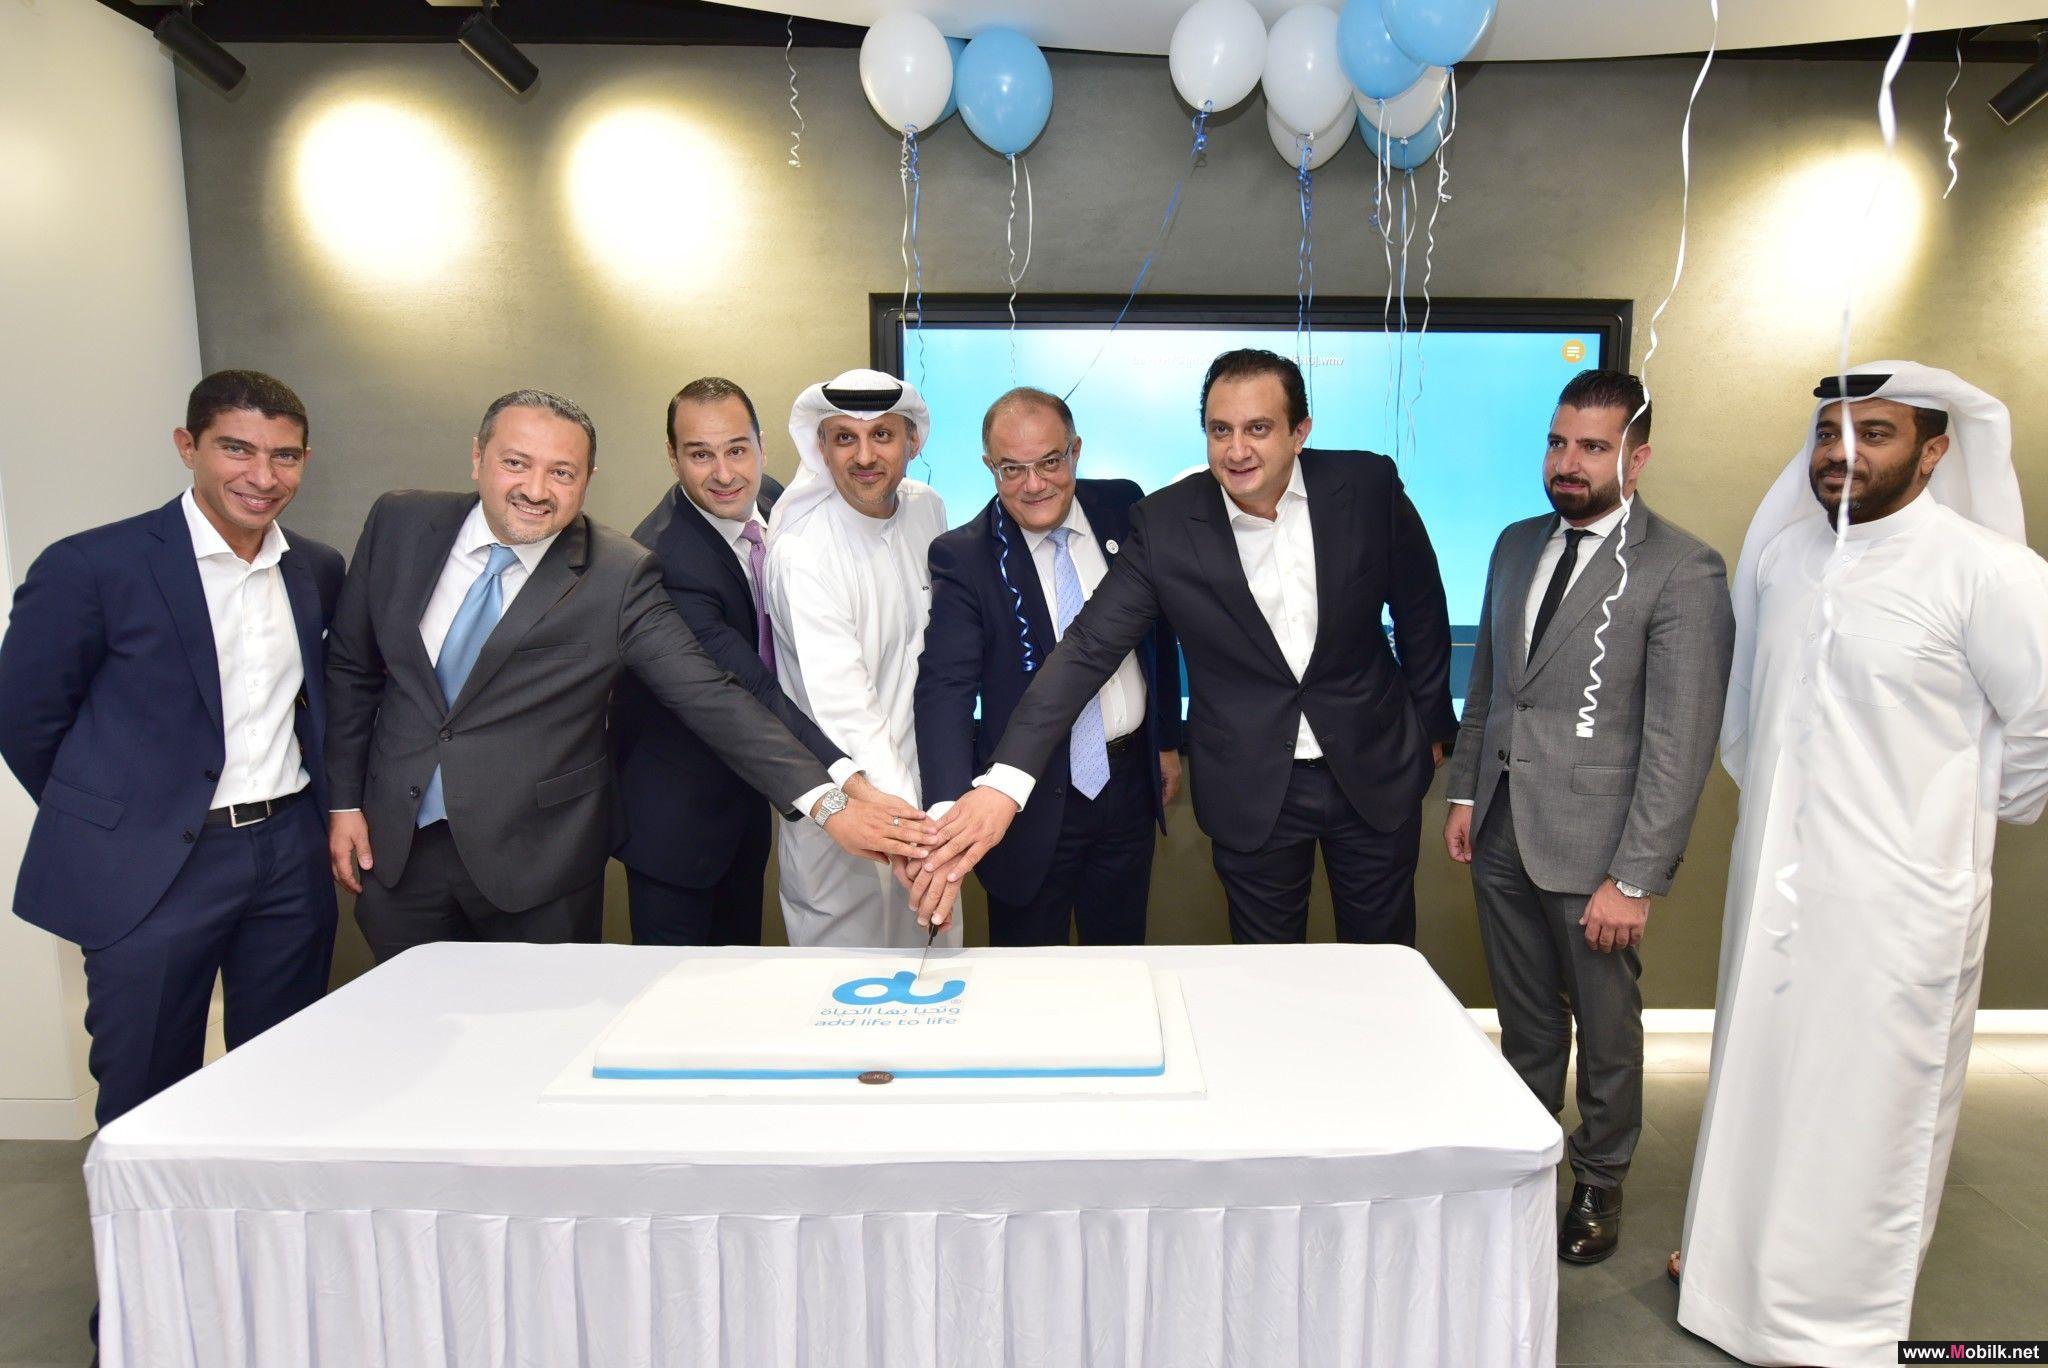 دو تفتتح مركز أعمال جديد في المركز المالي العالمي بدبي لعملائها من المؤسسات